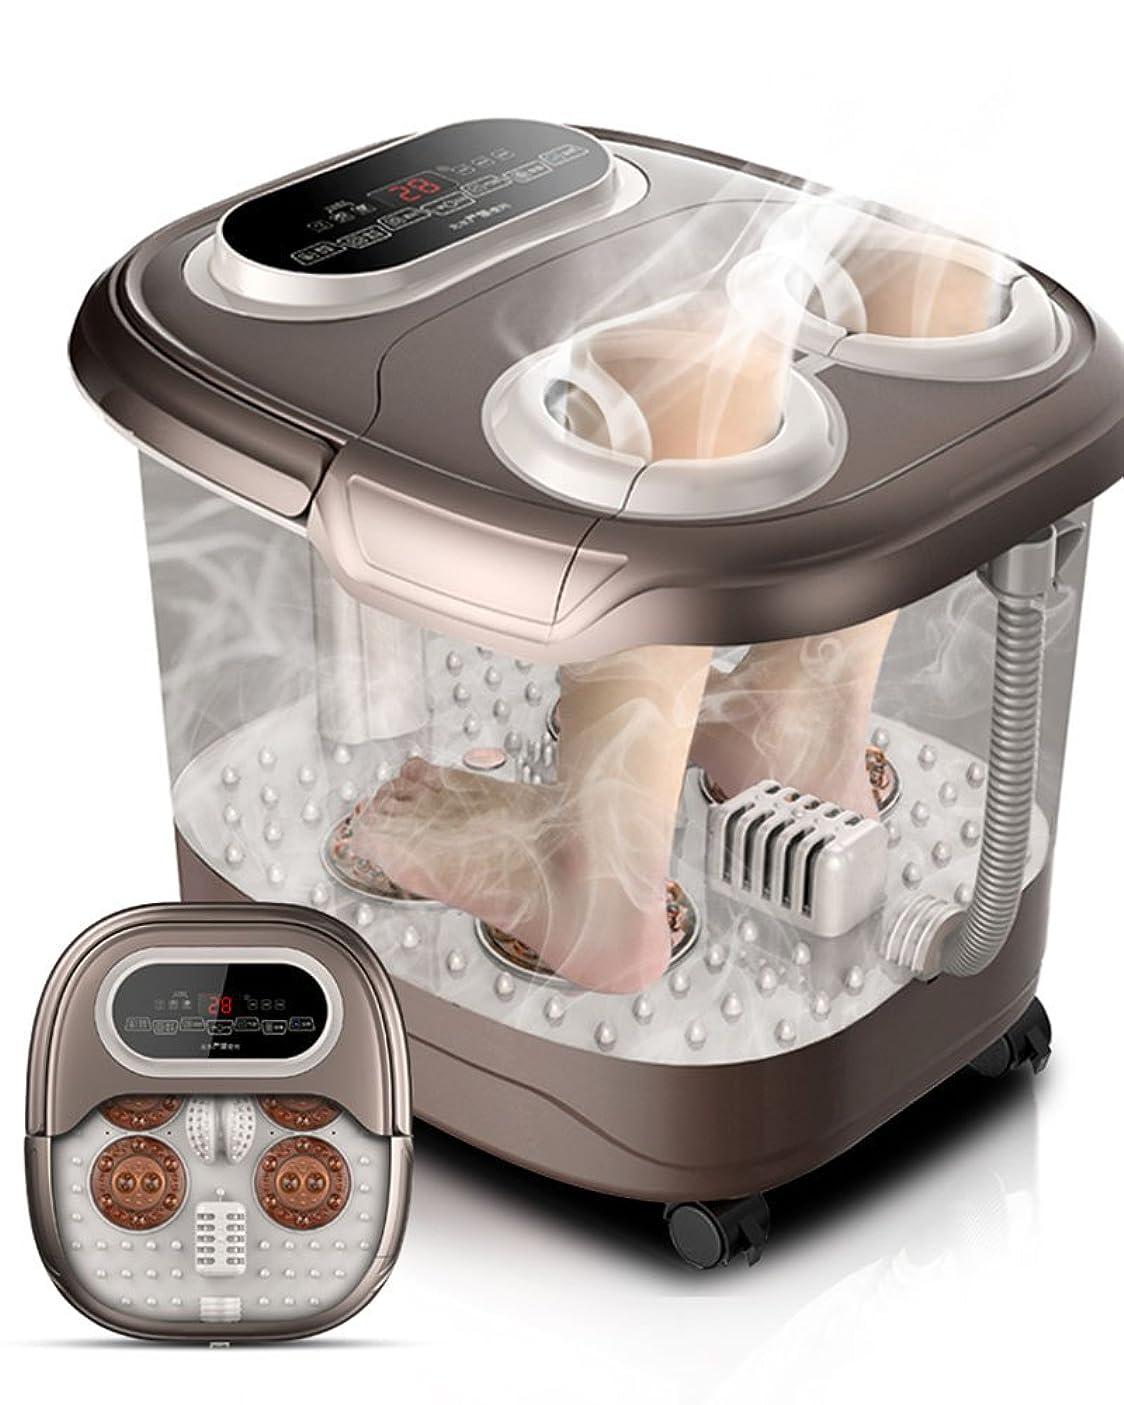 病気キャプション美容師ZHANGRONG- 足浴槽 自動 フットバス 電動マッサージ 加熱 フットバス 足浴槽 フットマッサージ機 家庭 一定温度